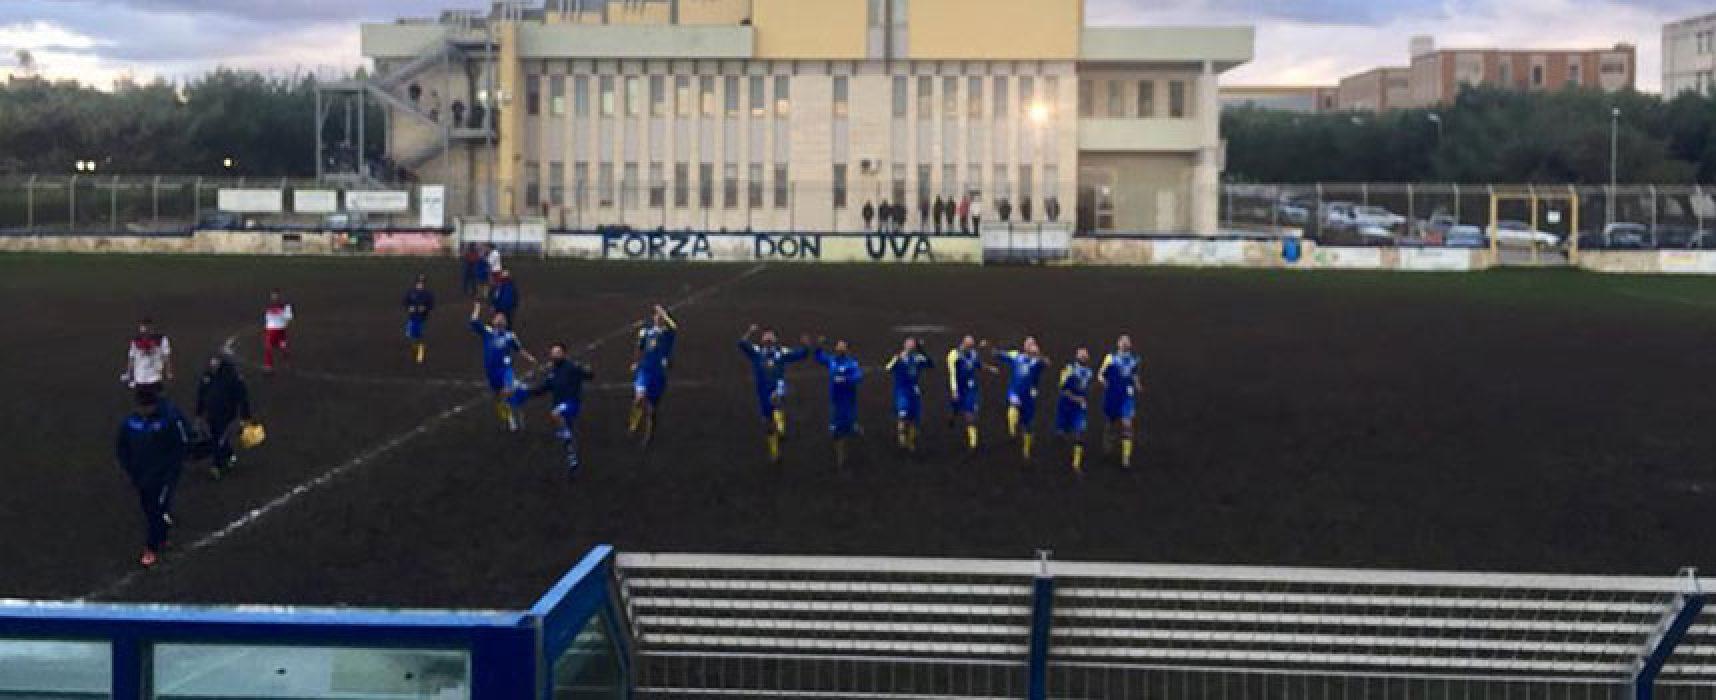 Don Uva calcio, vittoria sul Canosa e allungo in vetta / CLASSIFICA